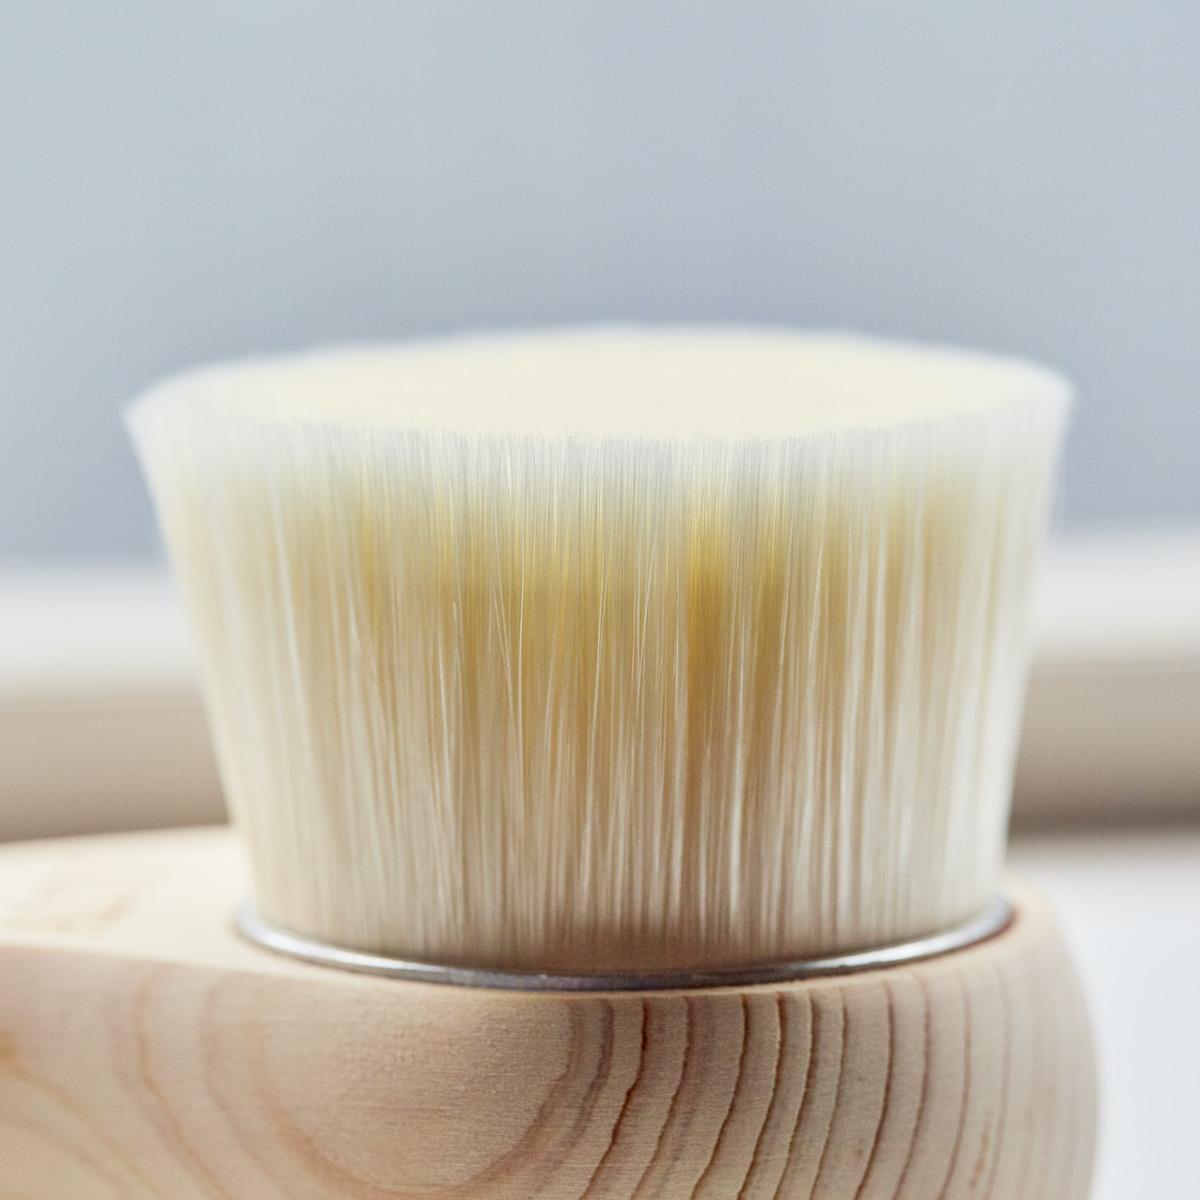 柔らかい極細毛が毛穴の汚れを優しく落としてくれる全身ブラシ